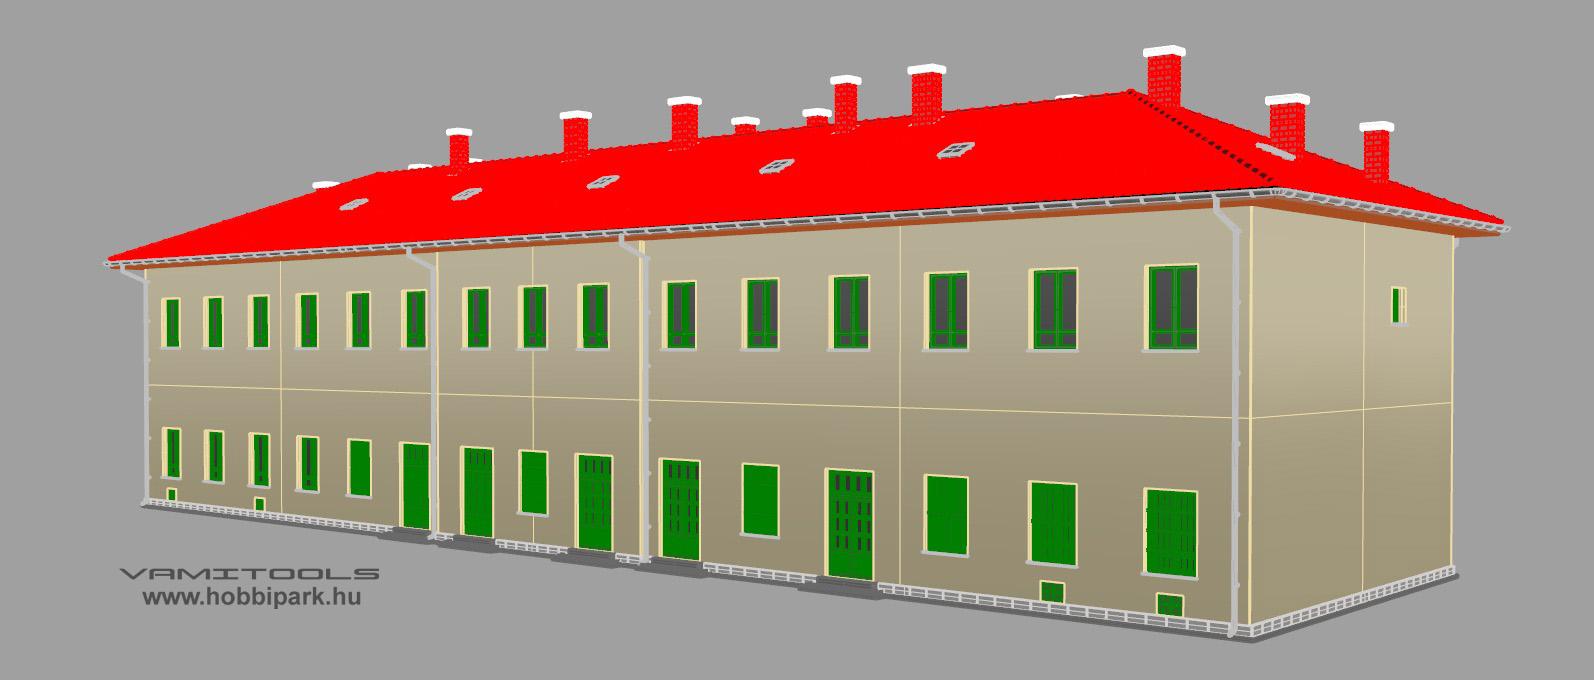 épület, vasútállomás, állomás, állomásépület, modellvasút, vasút, MÁV épület, MÁV vasútállomás, MÁV vasútállomás, MÁV modell állomás, MÁV állomásépület, Dombóvár alsó, Dombóvár alsó vasútállomás, Dombóvár alsó állomás, Dombóvár alsó épület, Dombóvár alsó ház, terepasztal, dioráma, H0 épület, H0 vasútállomás, H0 állomás, H0 állomásépület, H0 modellvasút, H0 vasút, H0 MÁV épület, H0 MÁV vasútállomás, H0 MÁV vasútállomás, H0 MÁV modell állomás, H0 MÁV állomásépület, H0 Dombóvár alsó, H0 Dombóvár alsó vasútállomás, H0 Dombóvár alsó állomás, H0 Dombóvár alsó épület, H0 Dombóvár alsó ház, H0 terepasztal, H0 dioráma, 1:87 épület, 1:87 vasútállomás, 1:87 állomás, 1:87 állomásépület, 1:87 modellvasút, 1:87 vasút, 1:87 MÁV épület, 1:87 MÁV vasútállomás, 1:87 MÁV vasútállomás, 1:87 MÁV modell állomás, 1:87 MÁV állomásépület, 1:87 Dombóvár alsó, 1:87 Dombóvár alsó vasútállomás, 1:87 Dombóvár alsó állomás, 1:87 Dombóvár alsó épület, 1:87 Dombóvár alsó ház, 1:87 terepasztal, 1:87 dioráma, TT épület, TT vasútállomás, TT állomás, TT állomásépület, TT modellvasút, TT vasút, TT MÁV épület, TT MÁV vasútállomás, TT MÁV vasútállomás, TT MÁV modell állomás, TT MÁV állomásépület, TT Dombóvár alsó, TT Dombóvár alsó vasútállomás, TT Dombóvár alsó állomás, TT Dombóvár alsó épület, TT Dombóvár alsó ház, TT terepasztal, TT dioráma, 1:120 épület, 1:120 vasútállomás, 1:120 állomás, 1:120 állomásépület, 1:120 modellvasút, 1:120 vasút, 1:120 MÁV épület, 1:120 MÁV vasútállomás, 1:120 MÁV vasútállomás, 1:120 MÁV modell állomás, 1:120 MÁV állomásépület, 1:120 Dombóvár alsó, 1:120 Dombóvár alsó vasútállomás, 1:120 Dombóvár alsó állomás, 1:120 Dombóvár alsó épület, 1:120 Dombóvár alsó ház, 1:120 terepasztal, 1:120 dioráma, N épület, N vasútállomás, N állomás, N állomásépület, N modellvasút, N vasút, N MÁV épület, N MÁV vasútállomás, N MÁV vasútállomás, N MÁV modell állomás, N MÁV állomásépület, N Dombóvár alsó, N Dombóvár alsó vasútállomás, N Dombóvár alsó állomás, N Dombóvár alsó épület, N Dombóvár al